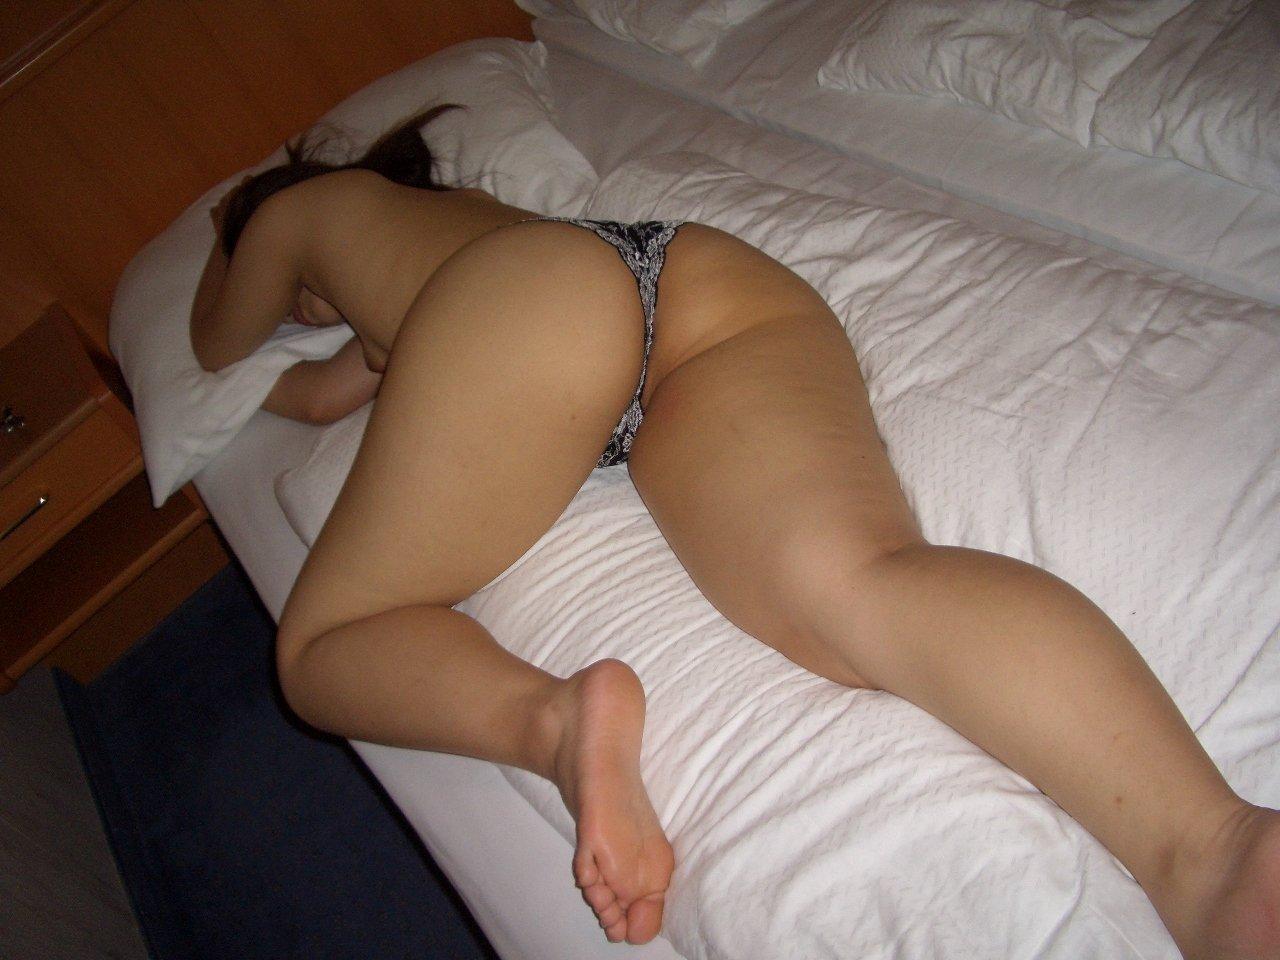 【夜這いエロ画像】起きないから裸にしちゃったw寝ている女のお尻激写www 05